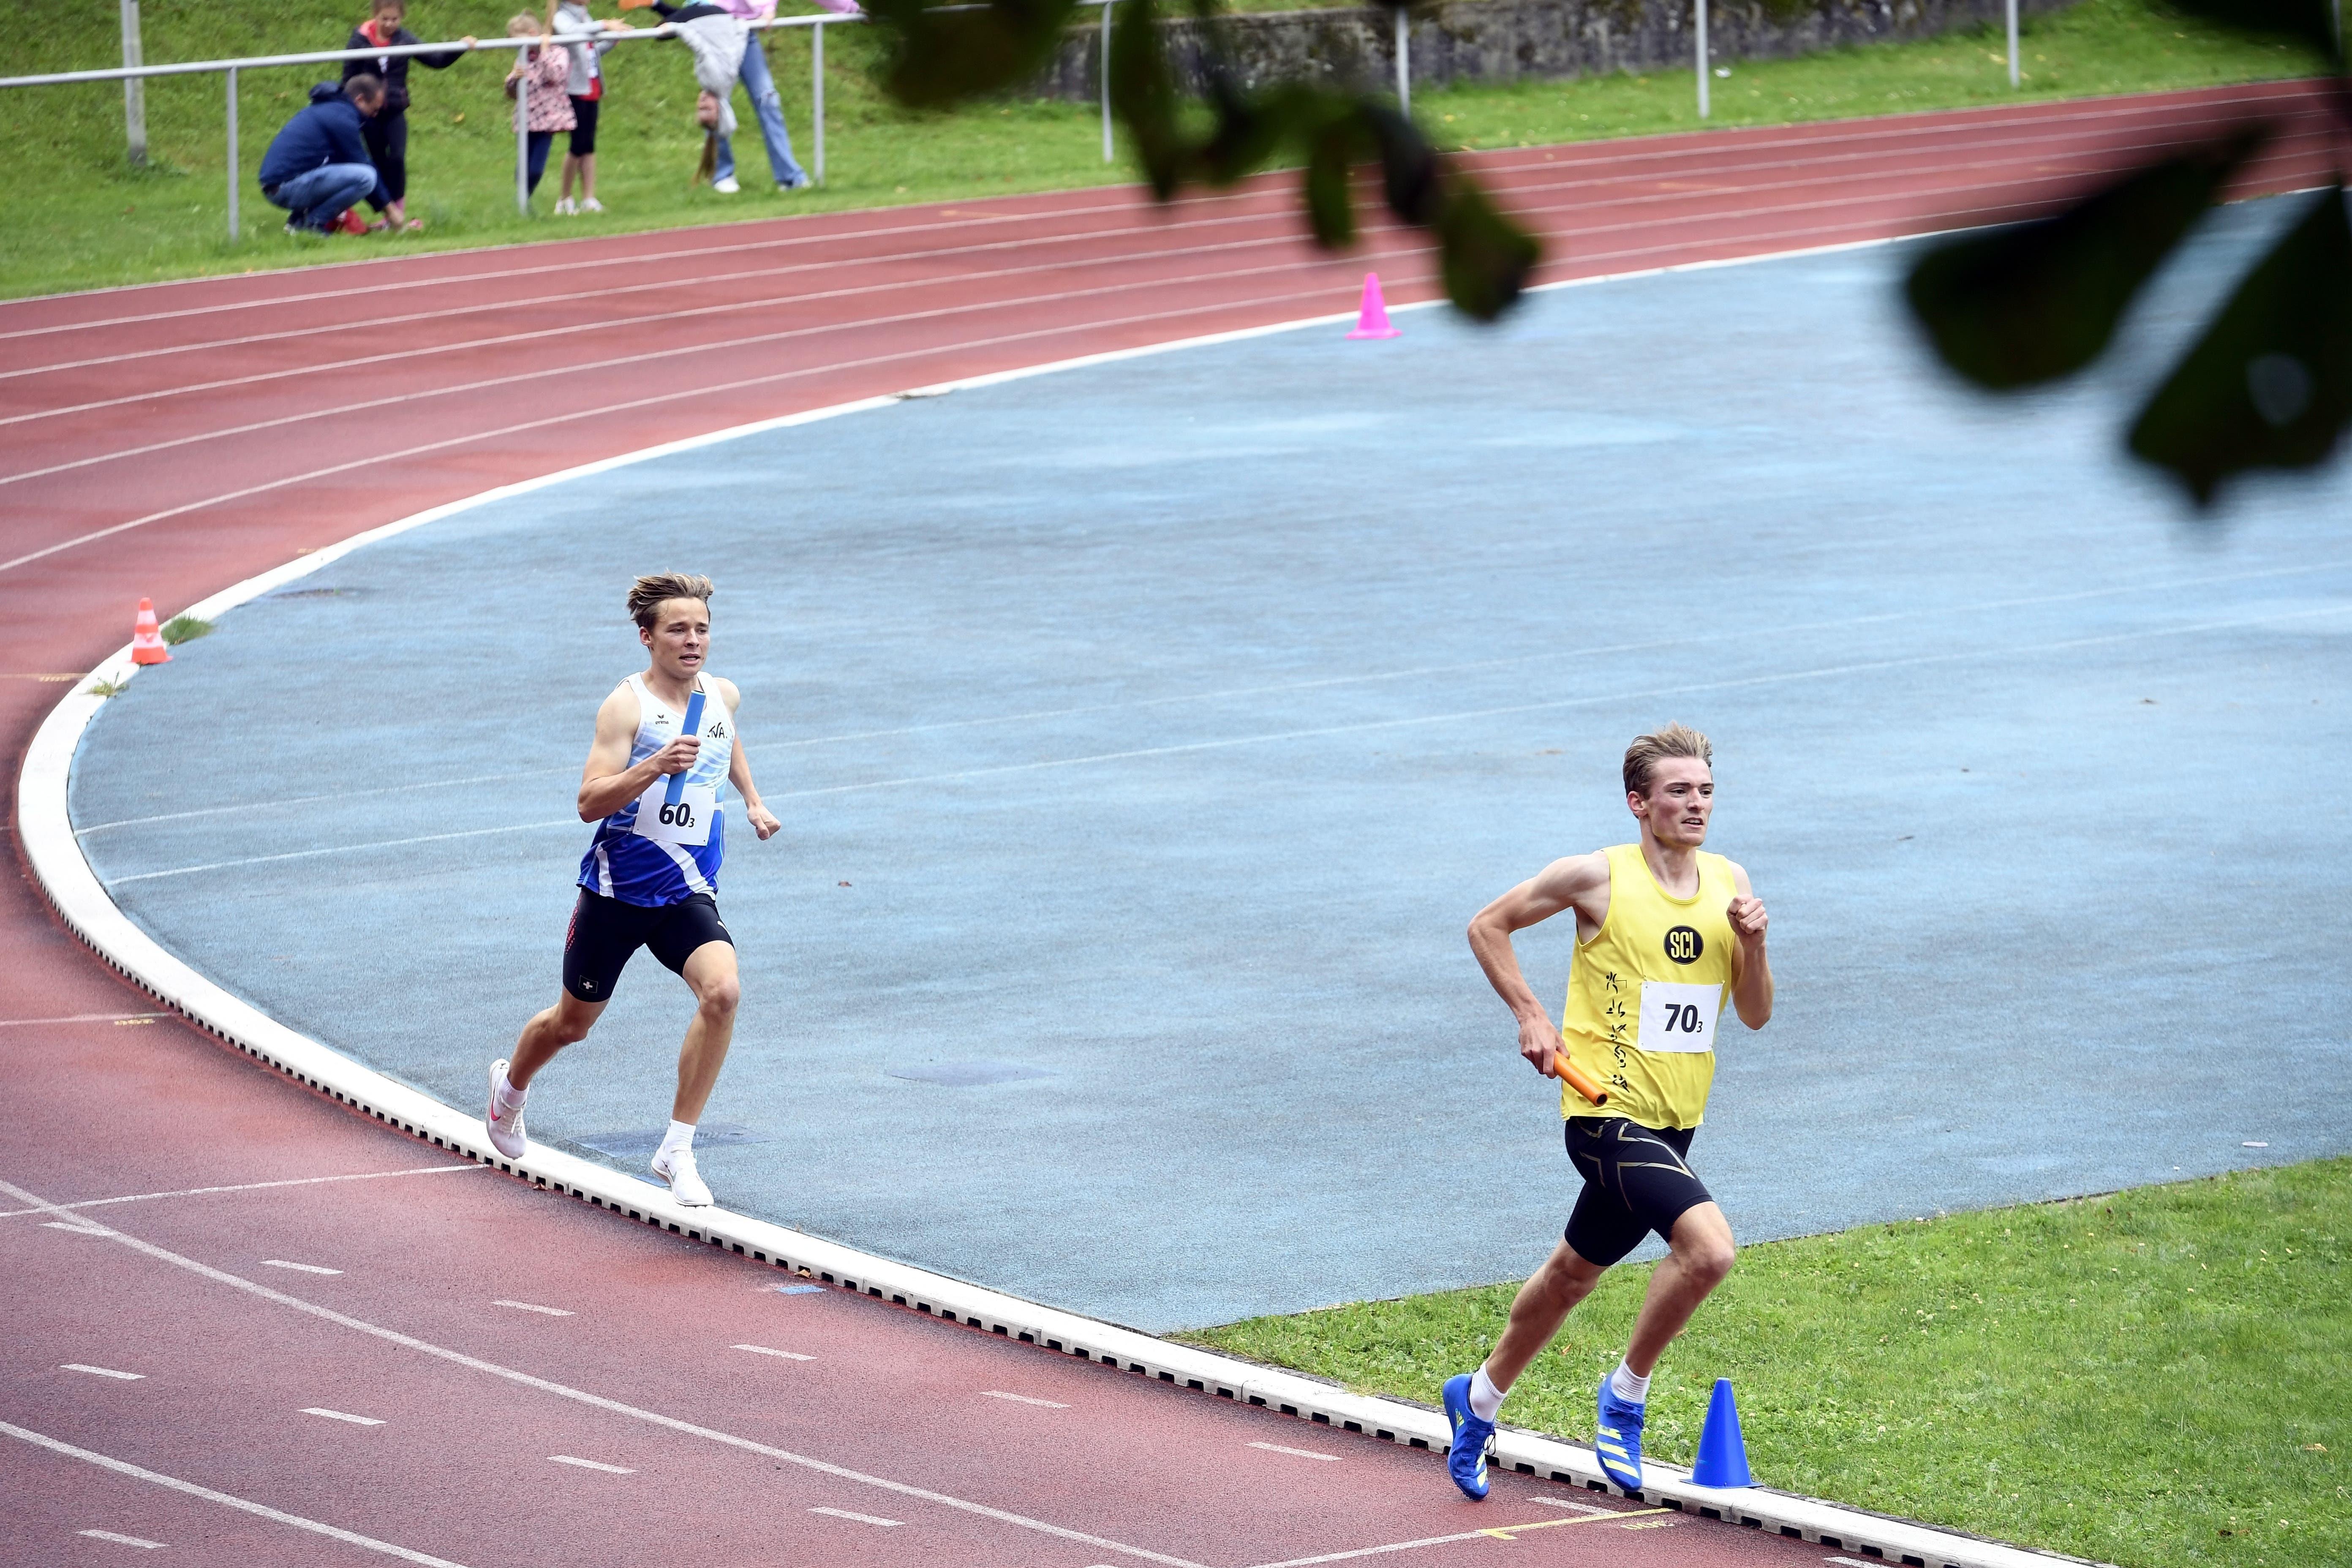 Nach zwei Jahren ohne Wettkampf durfte der LV Baden-Wettingen an den kantonalen Staffelmeisterschaften 2021 auf Heimparkett antreten.